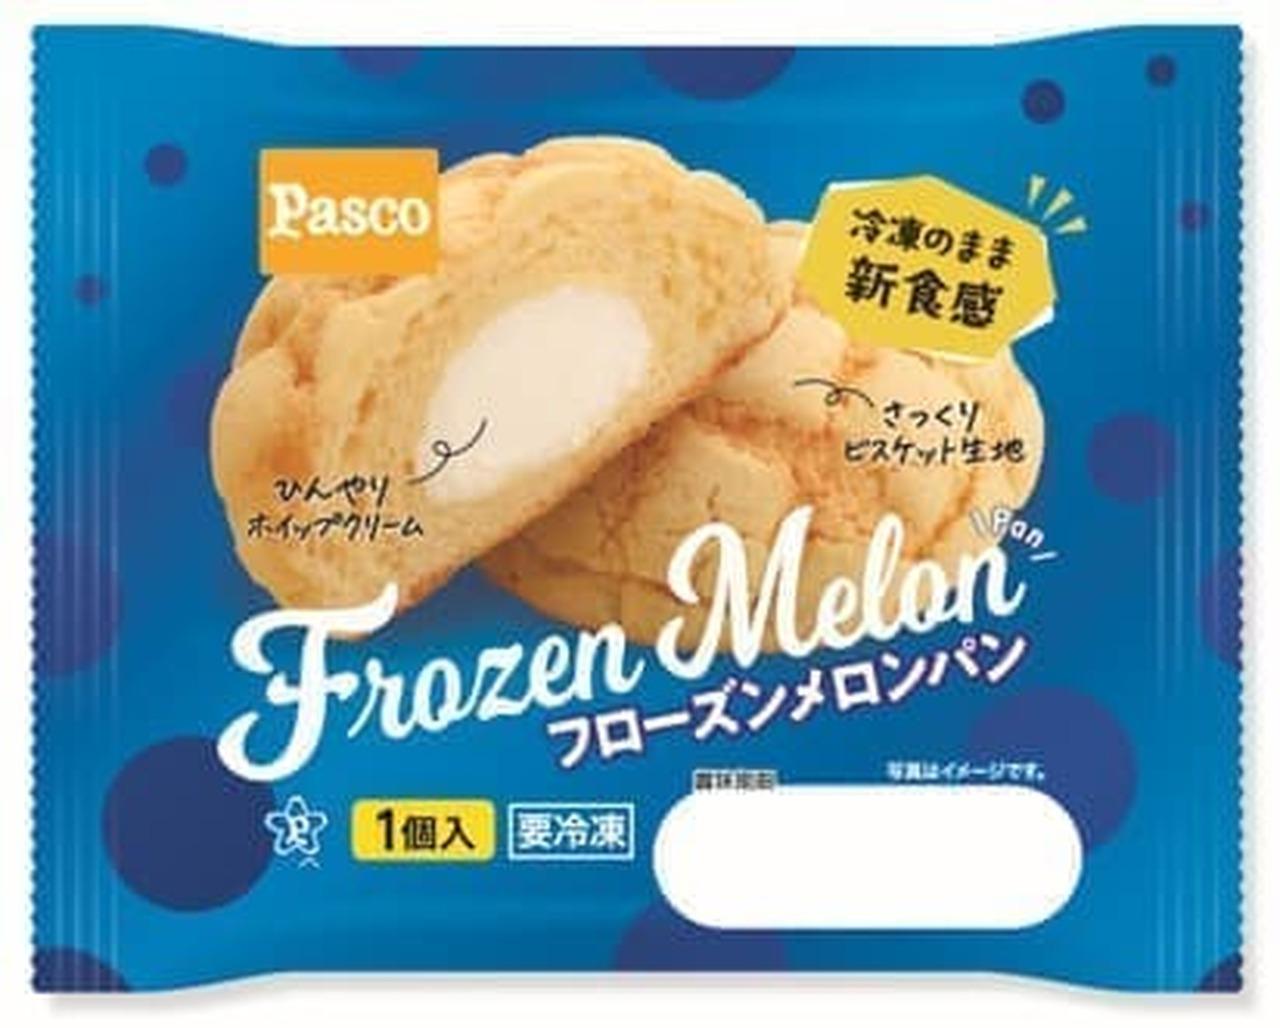 凍らせて食べる「フローズンメロンパン」